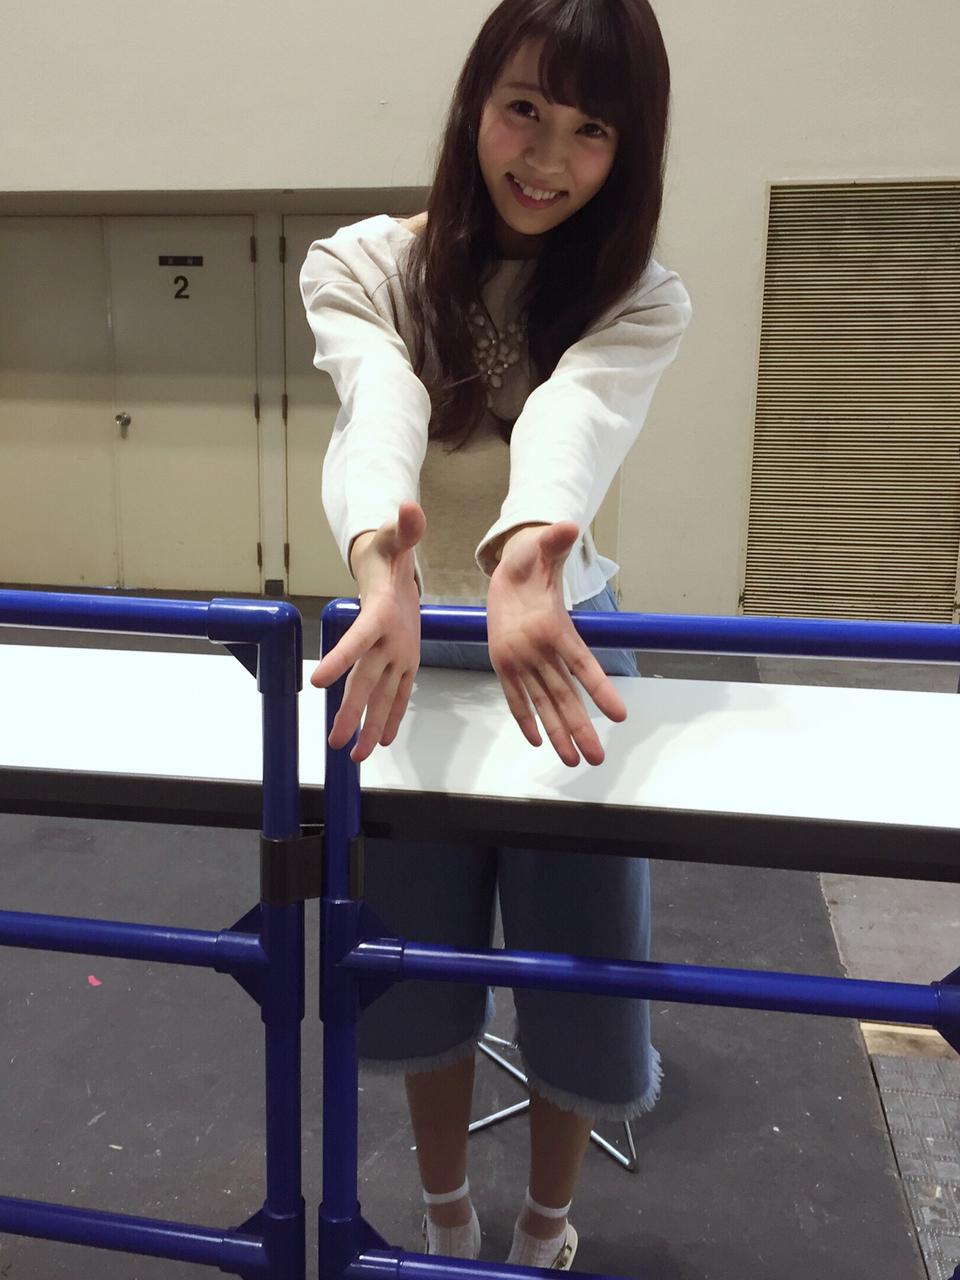 小林由依 欅坂46の2ndシングルの発売日まだかな?(涙) 個別握手いきたい (1)